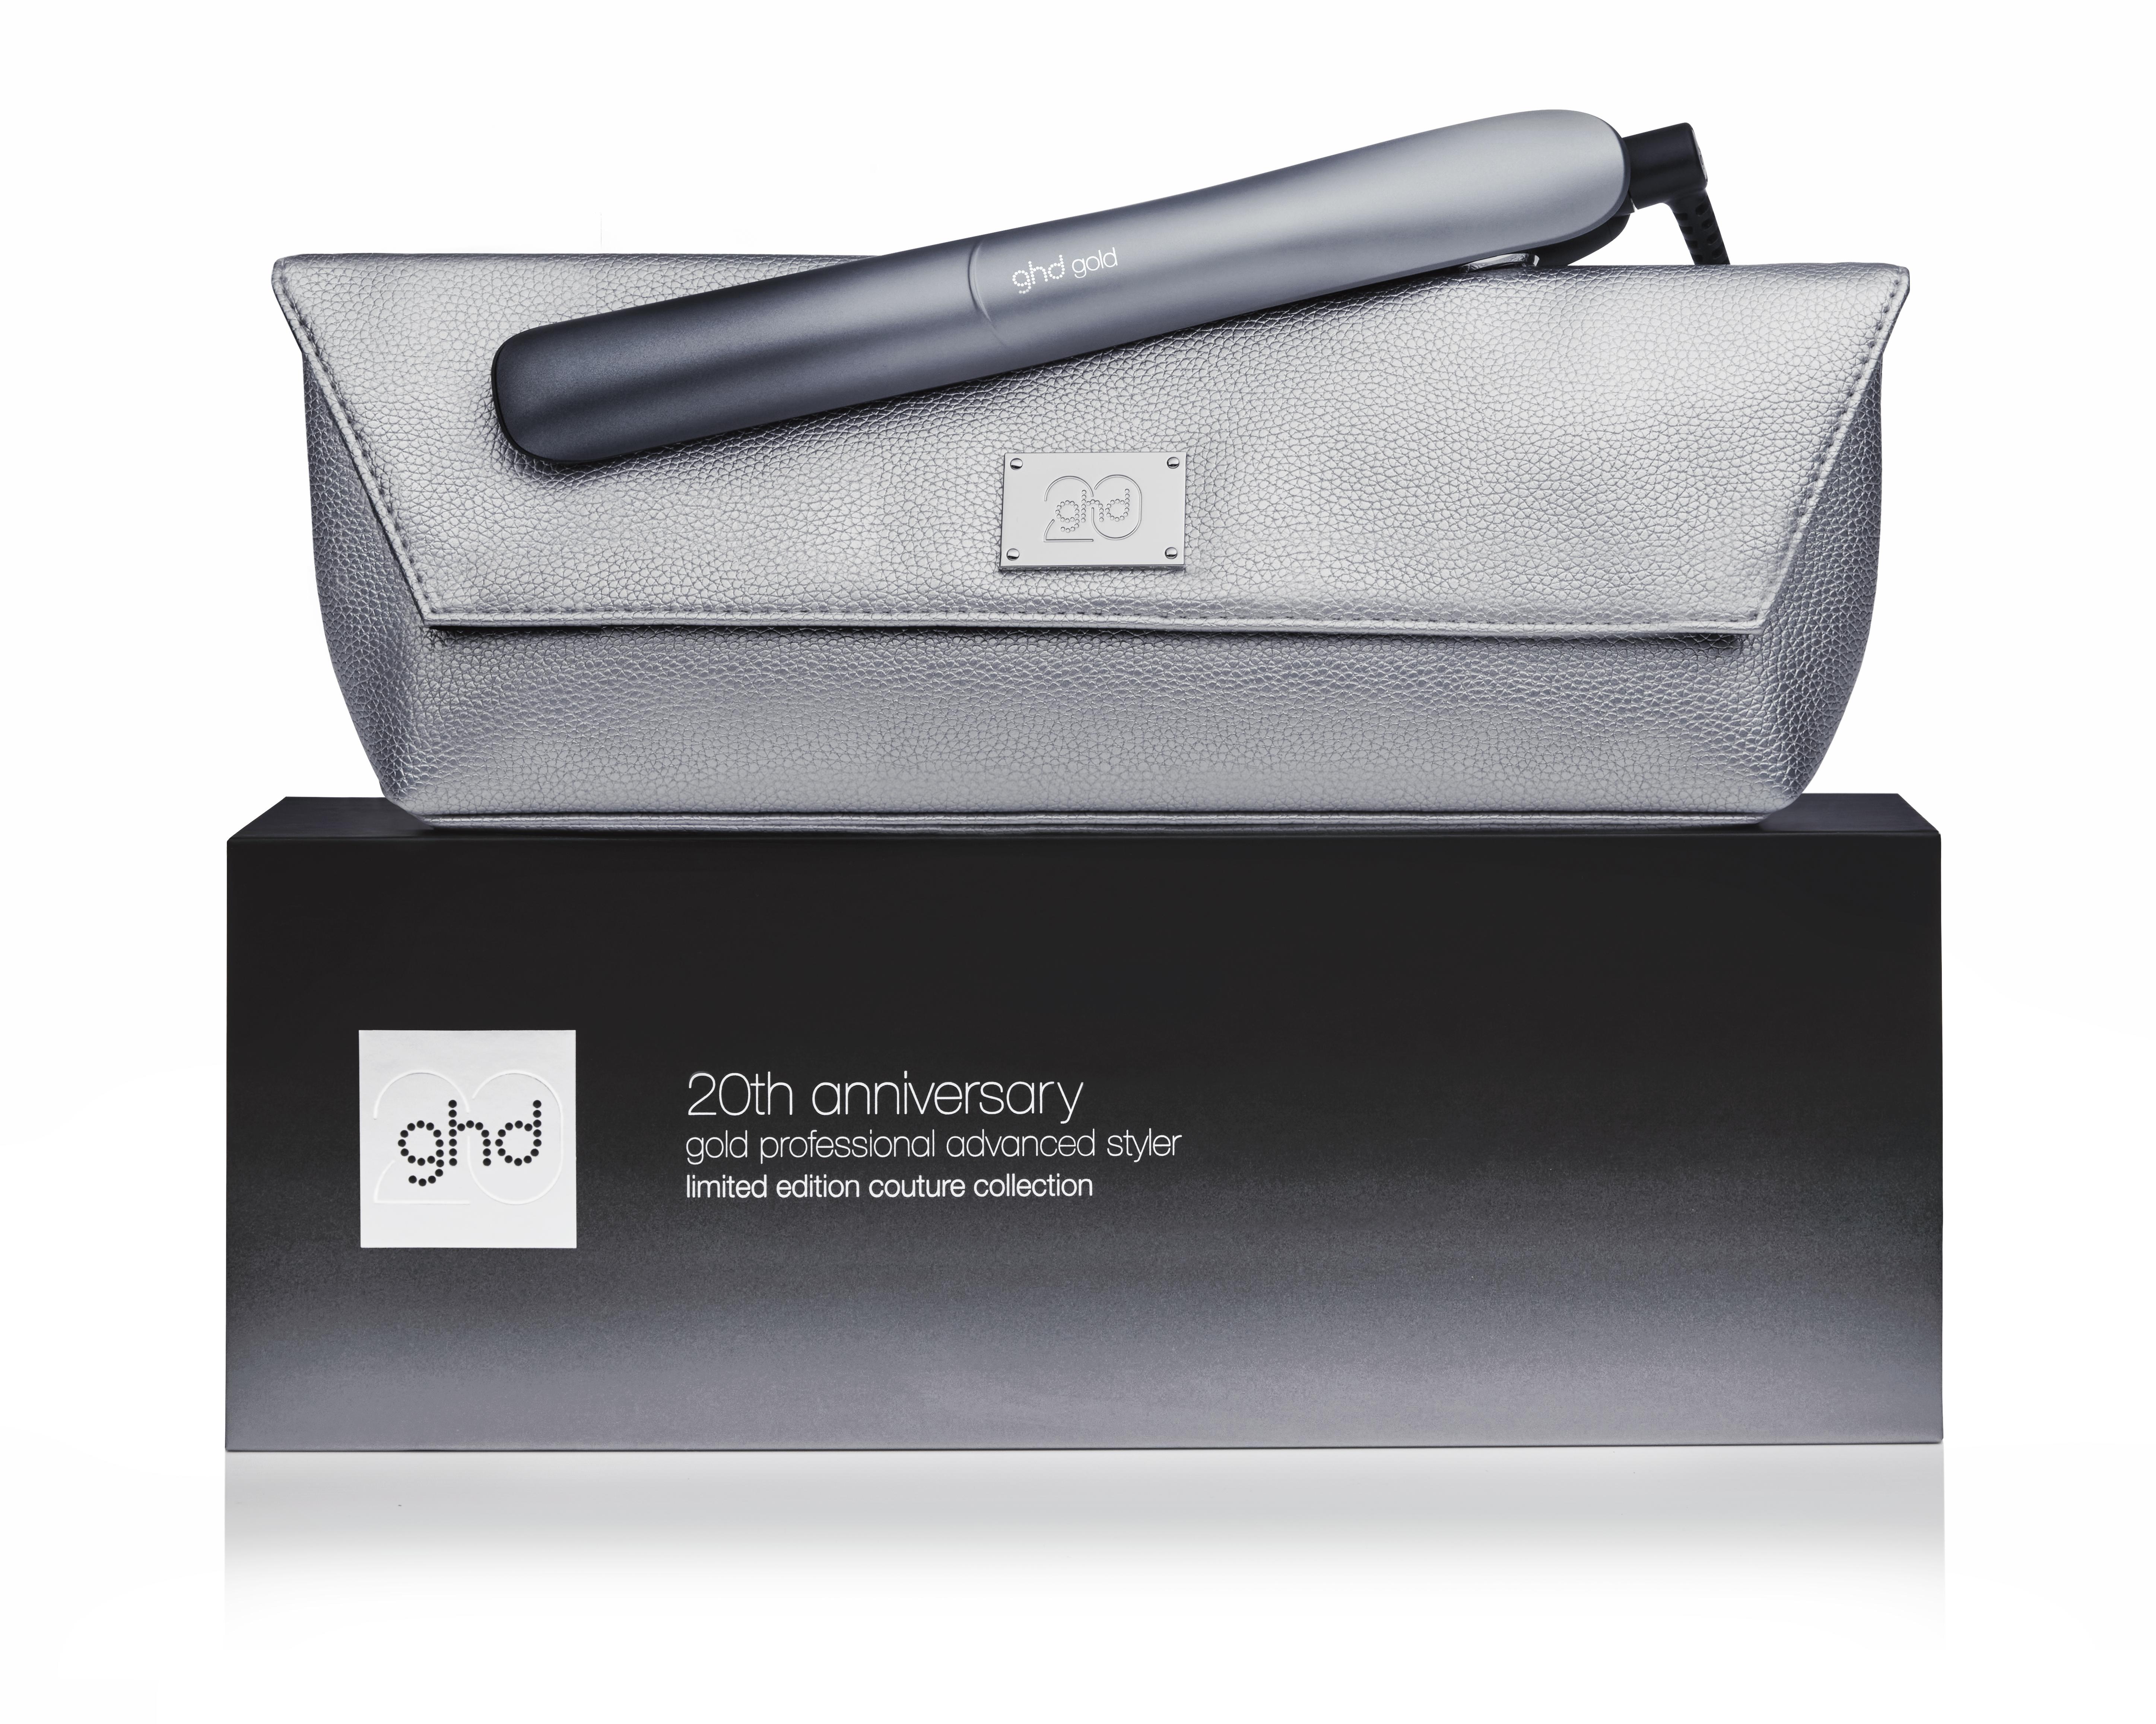 GHD cumple 20 años con más de 20 M€